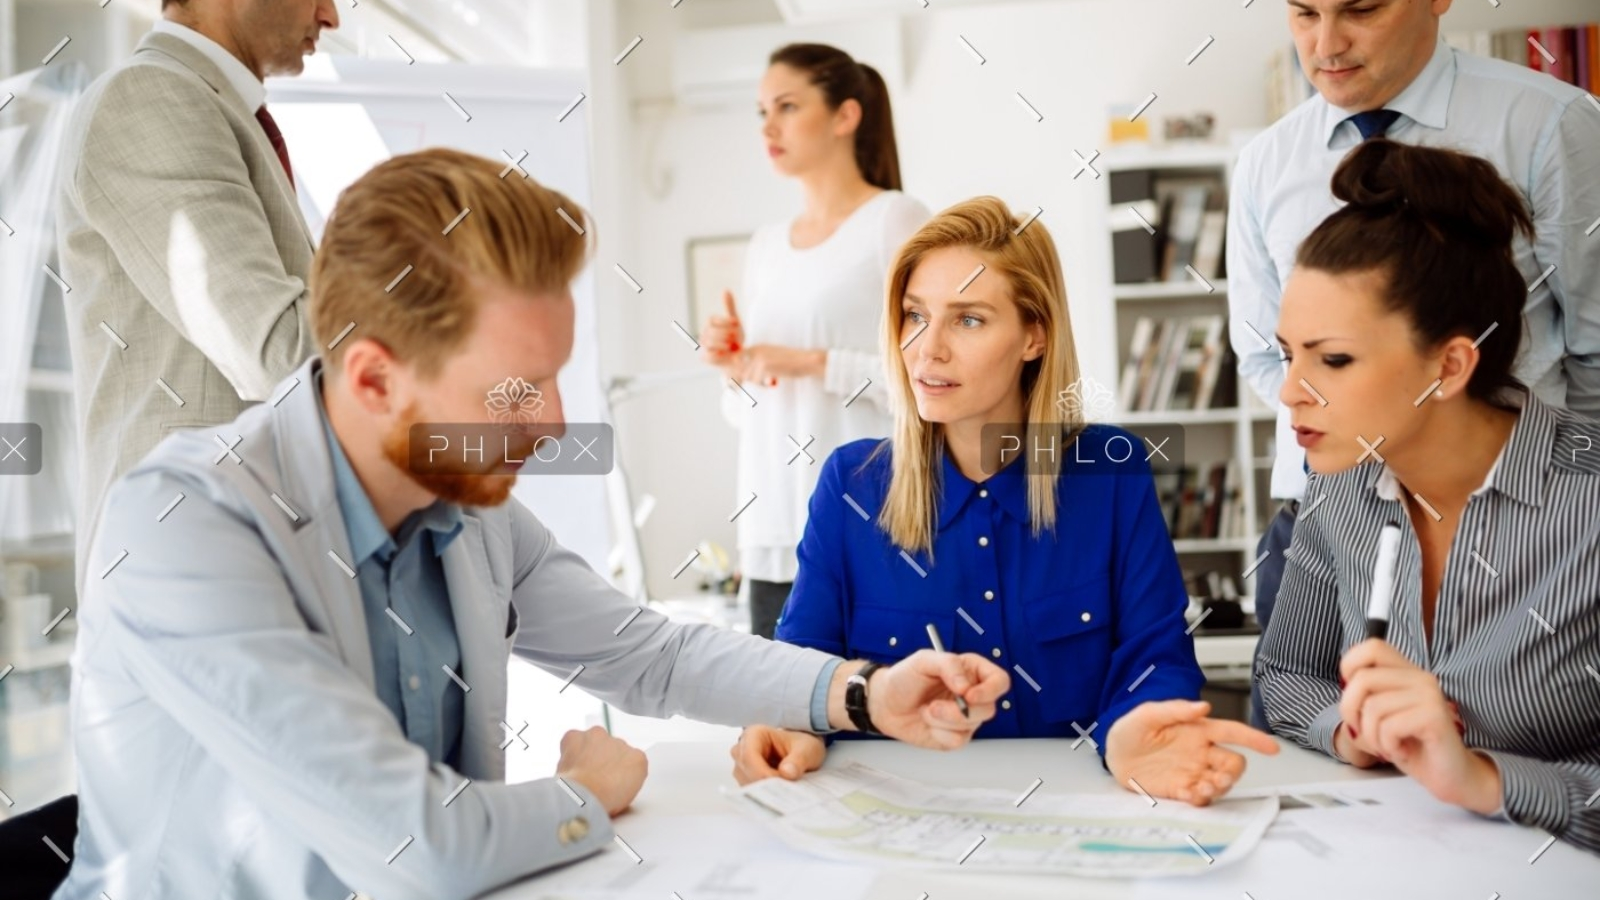 demo-attachment-639-succesful-businesswoman-ceo-of-company-3CKFHZV